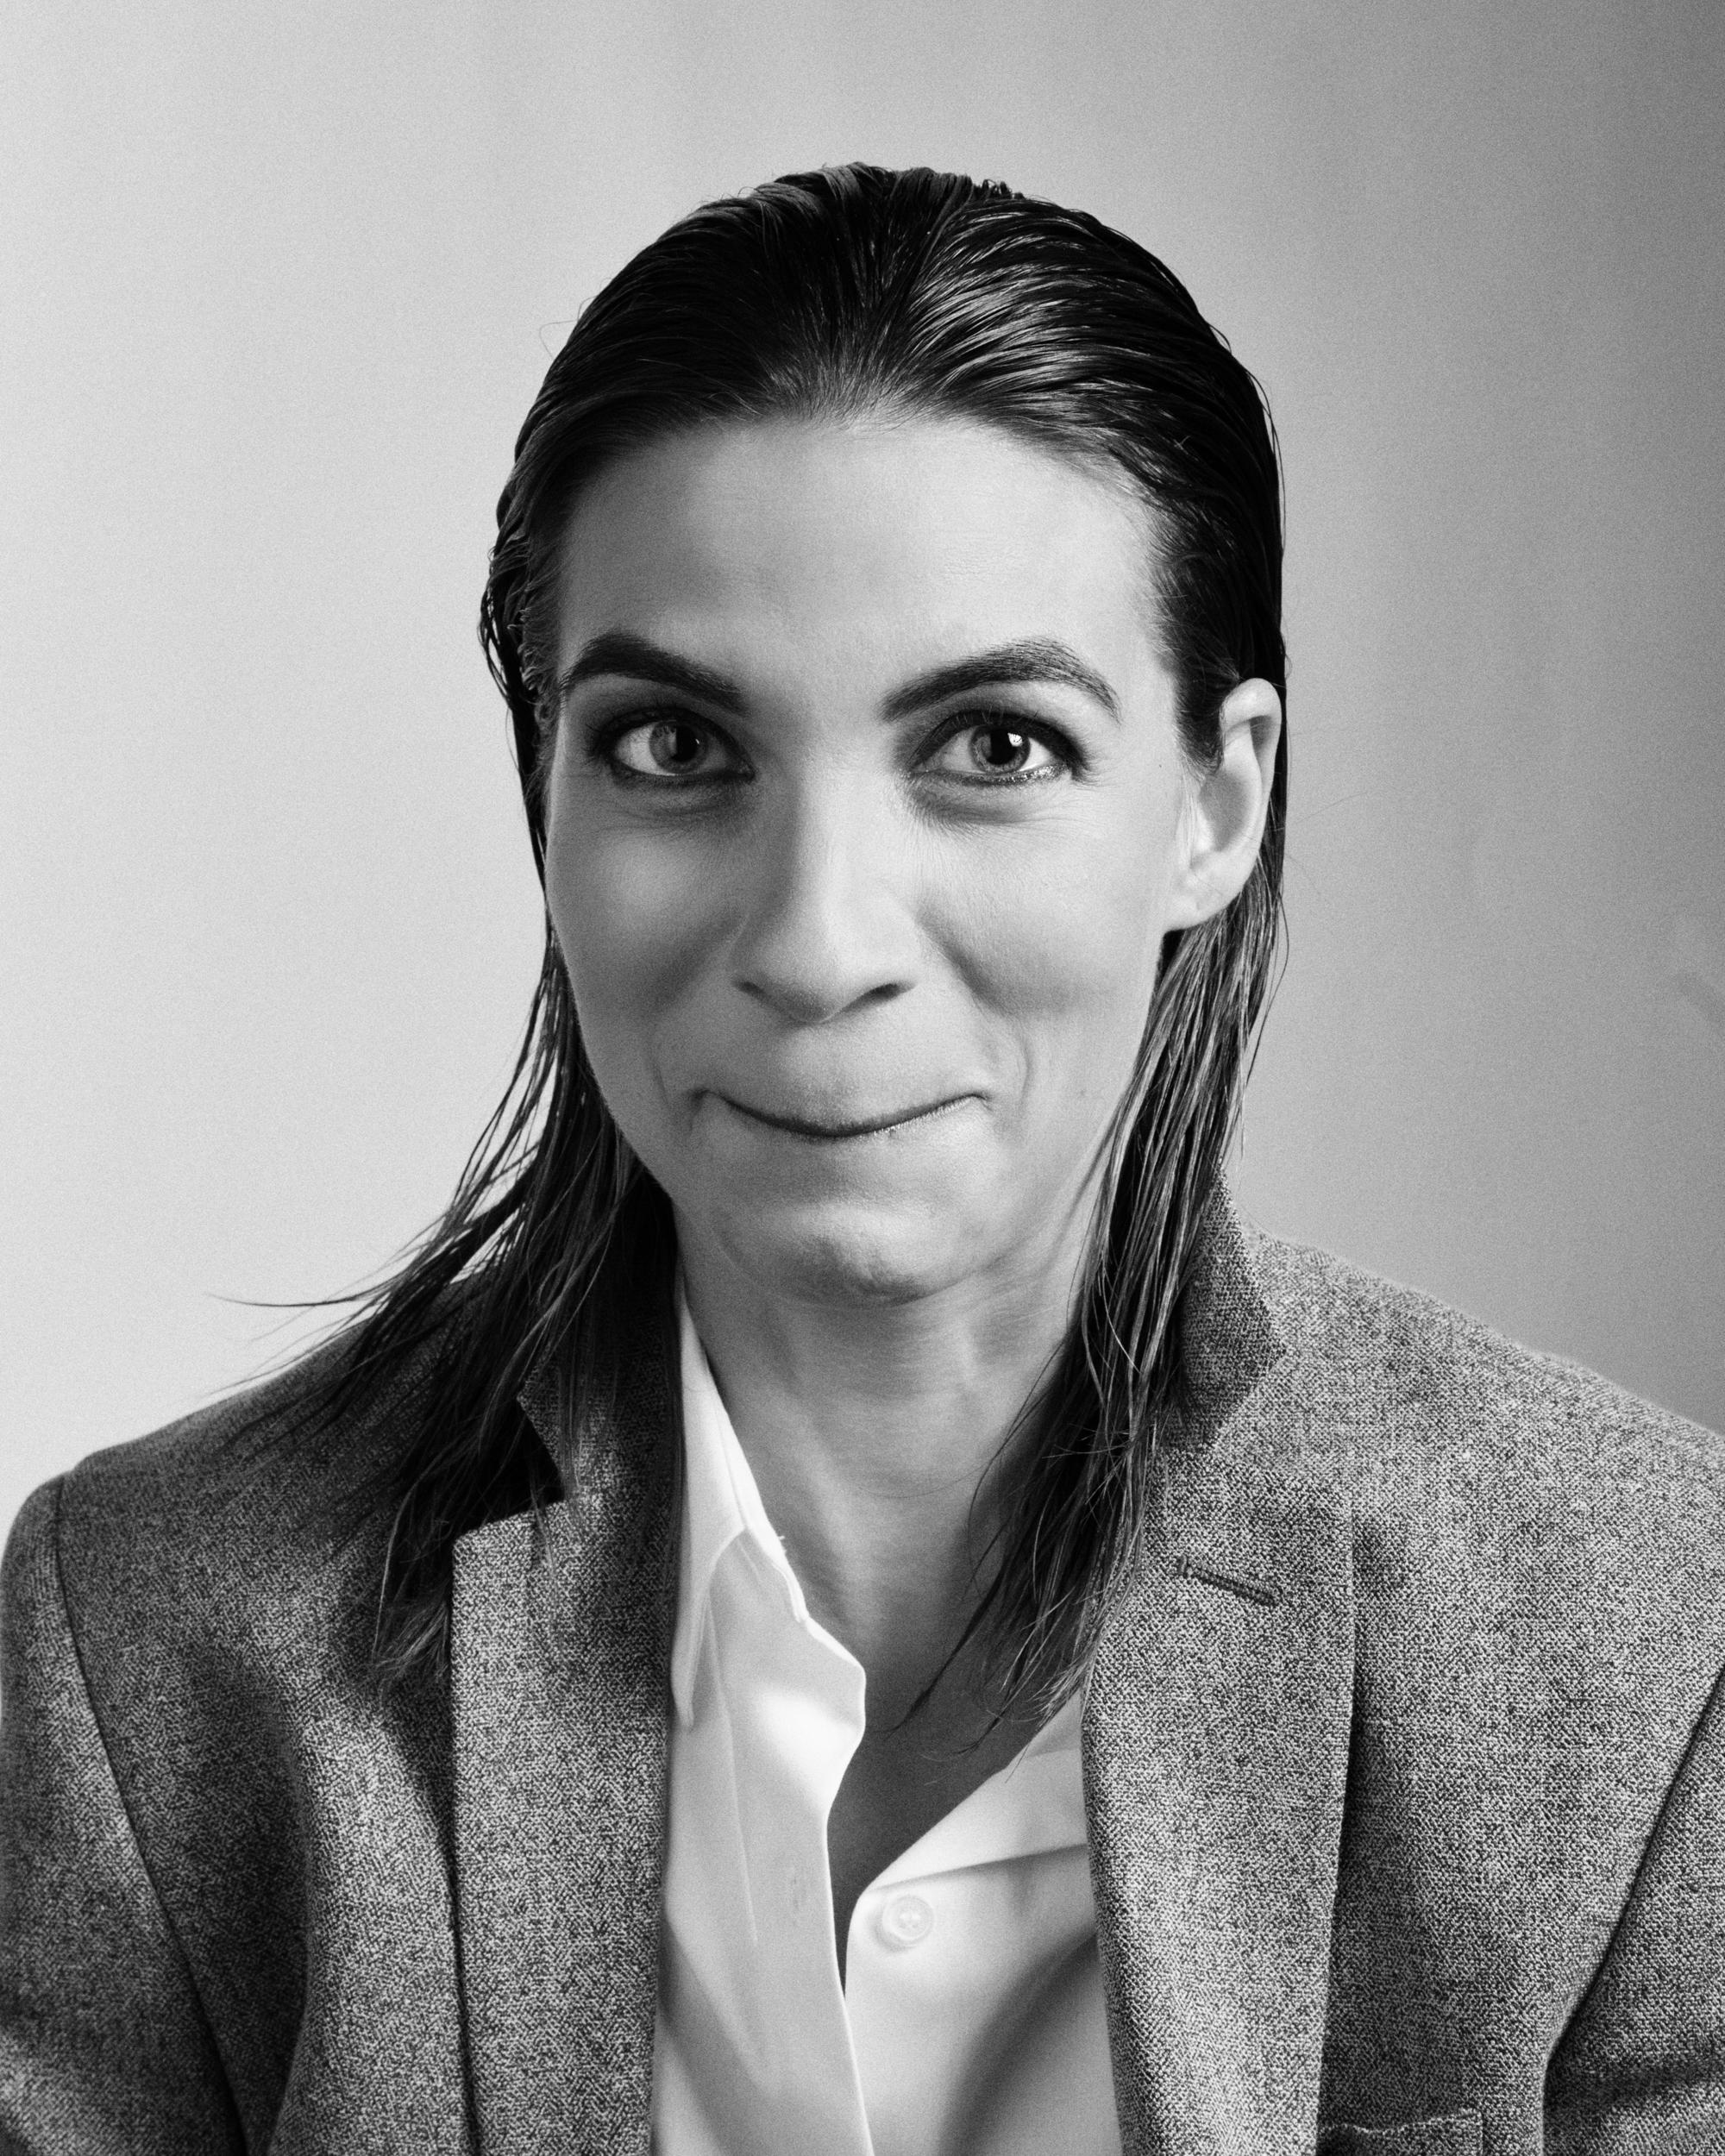 Natalia Tena Portrait